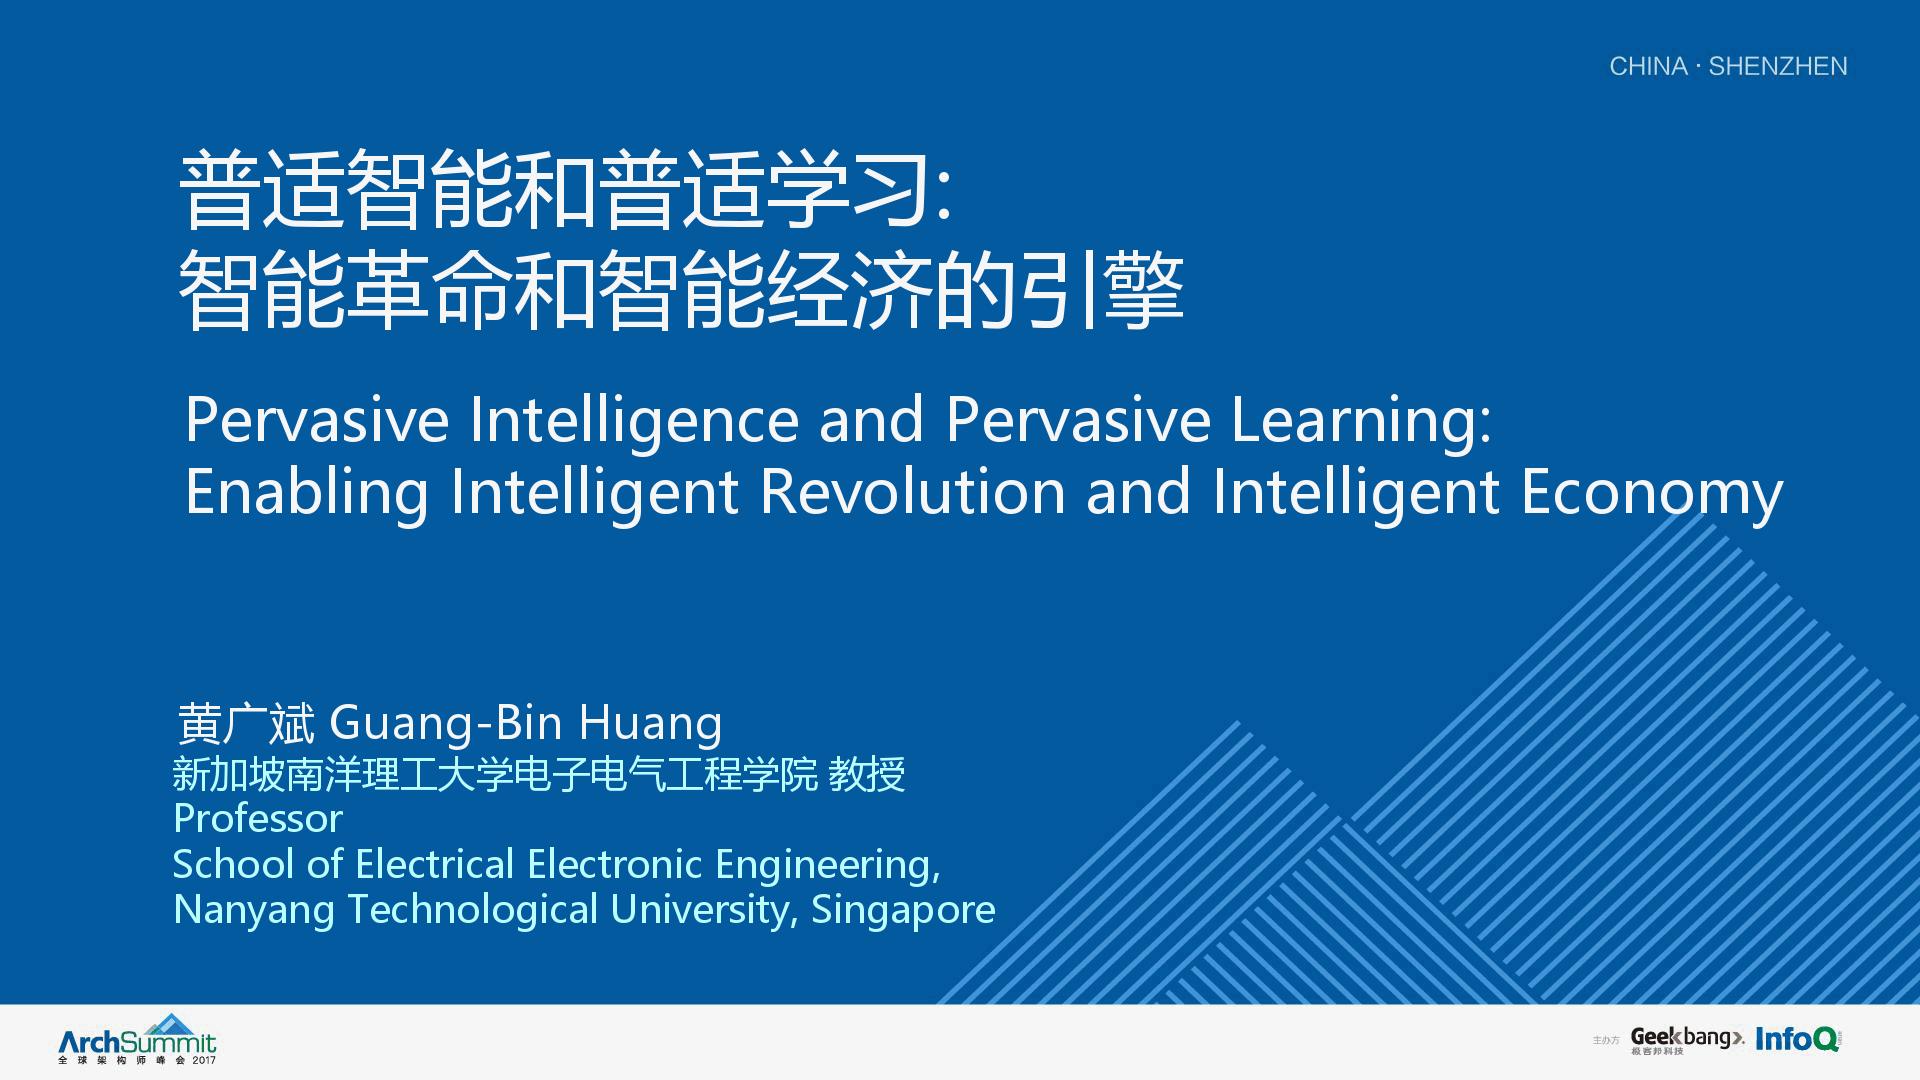 黄广斌-智能革命和智能经济的引擎